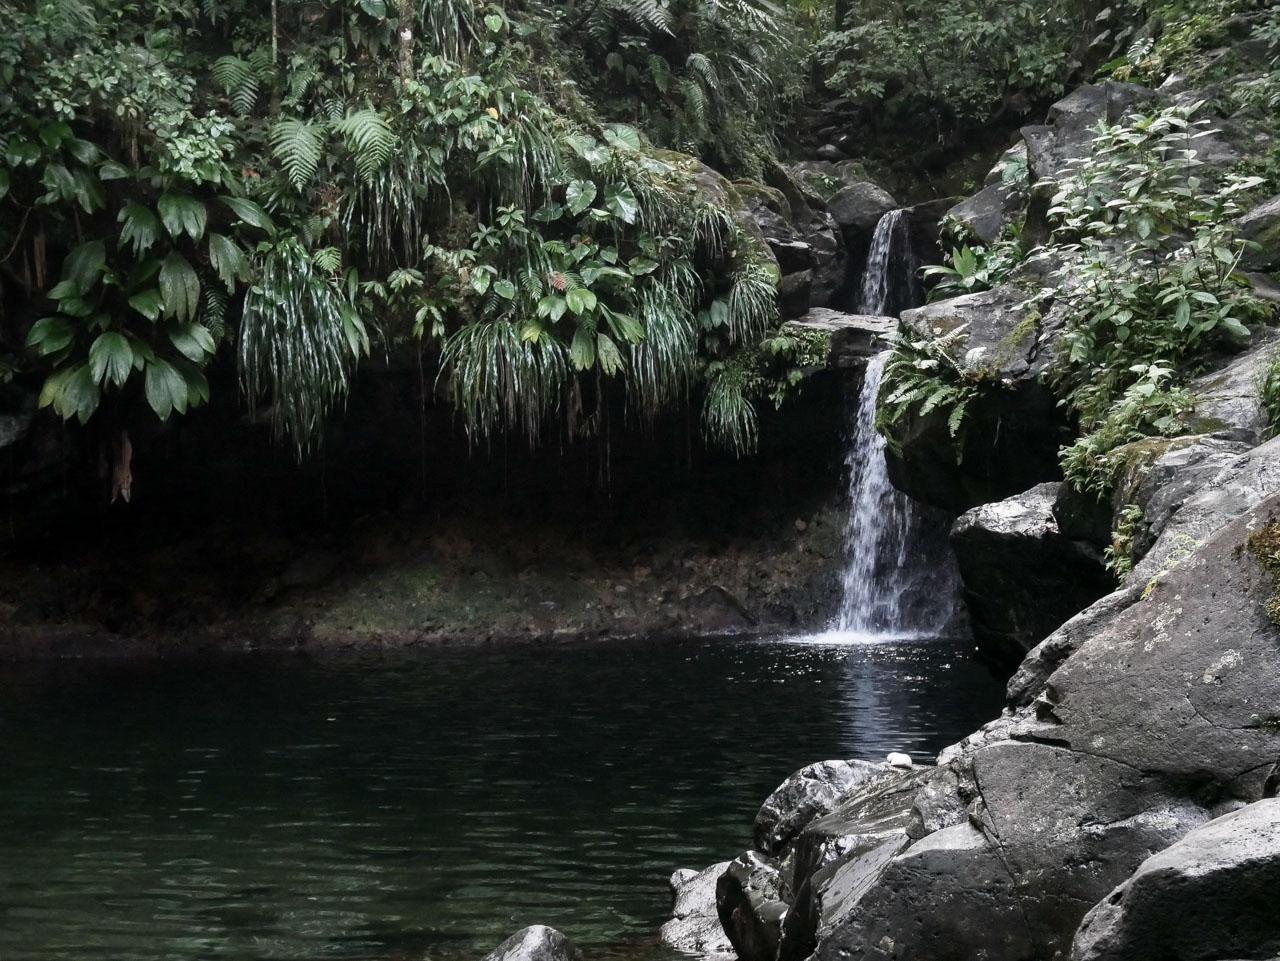 Balade dans le parc national de Guadeloupe